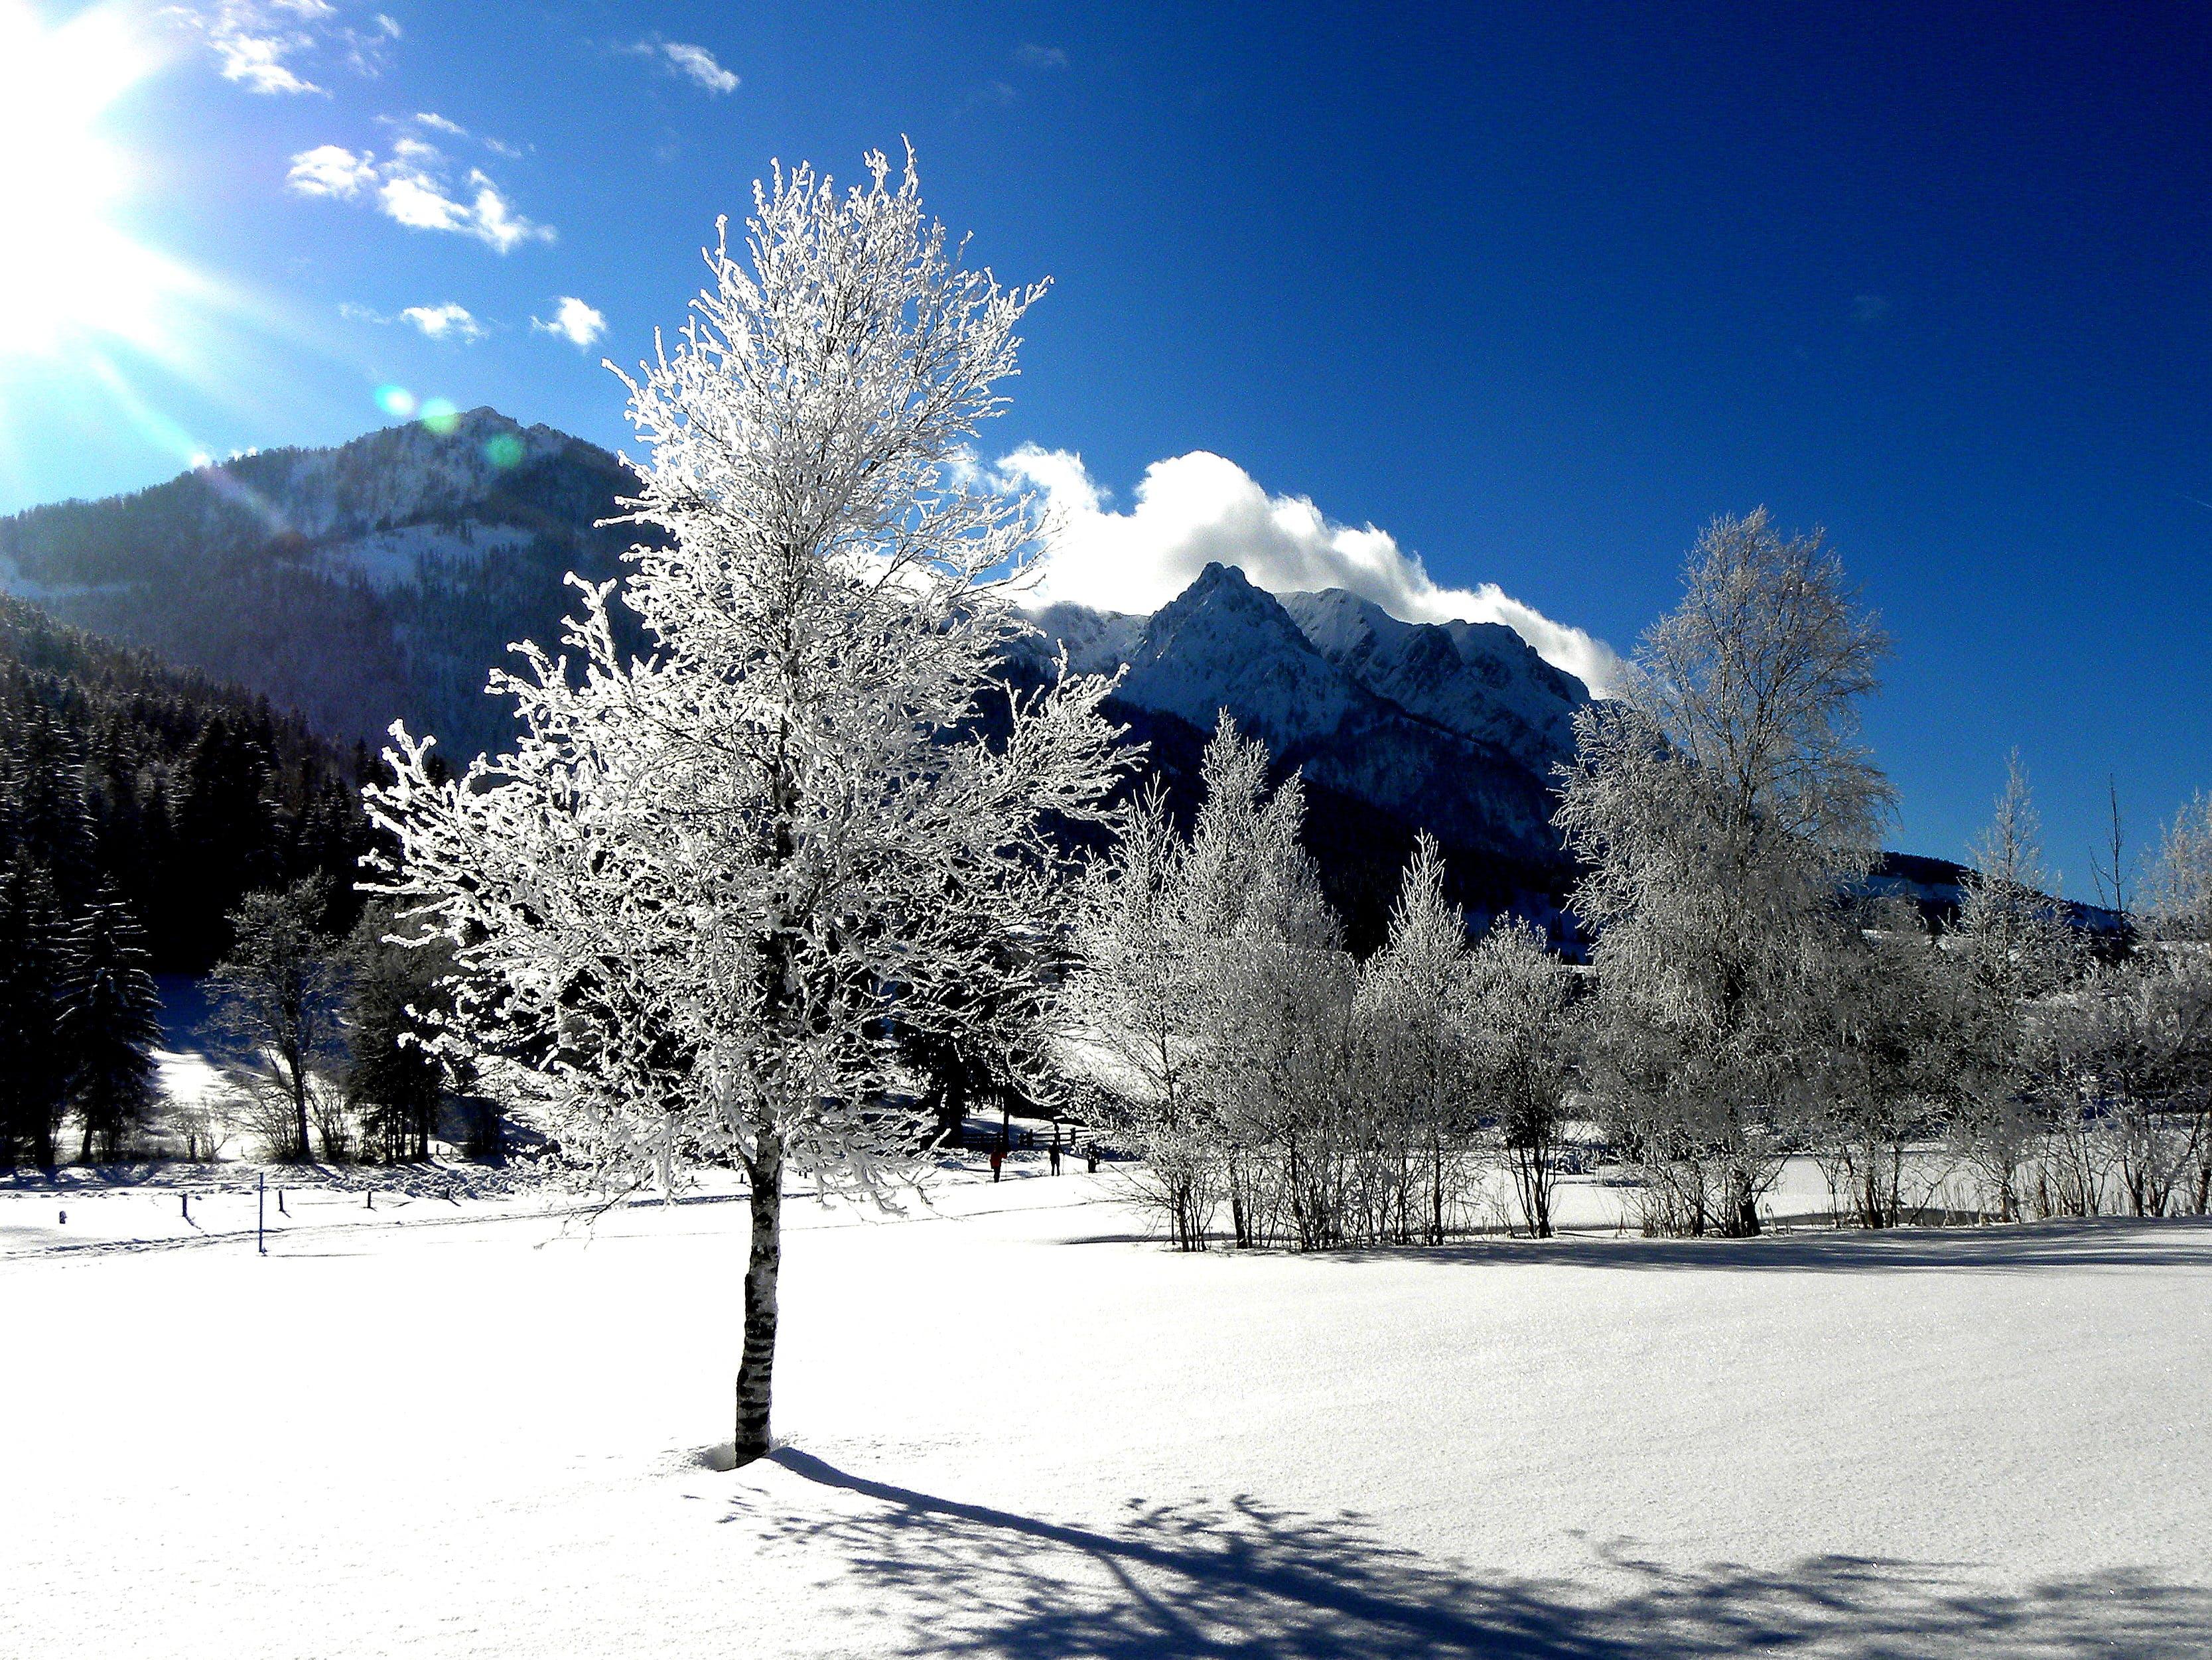 下雪的, 冬季, 冰, 冷 的 免费素材照片